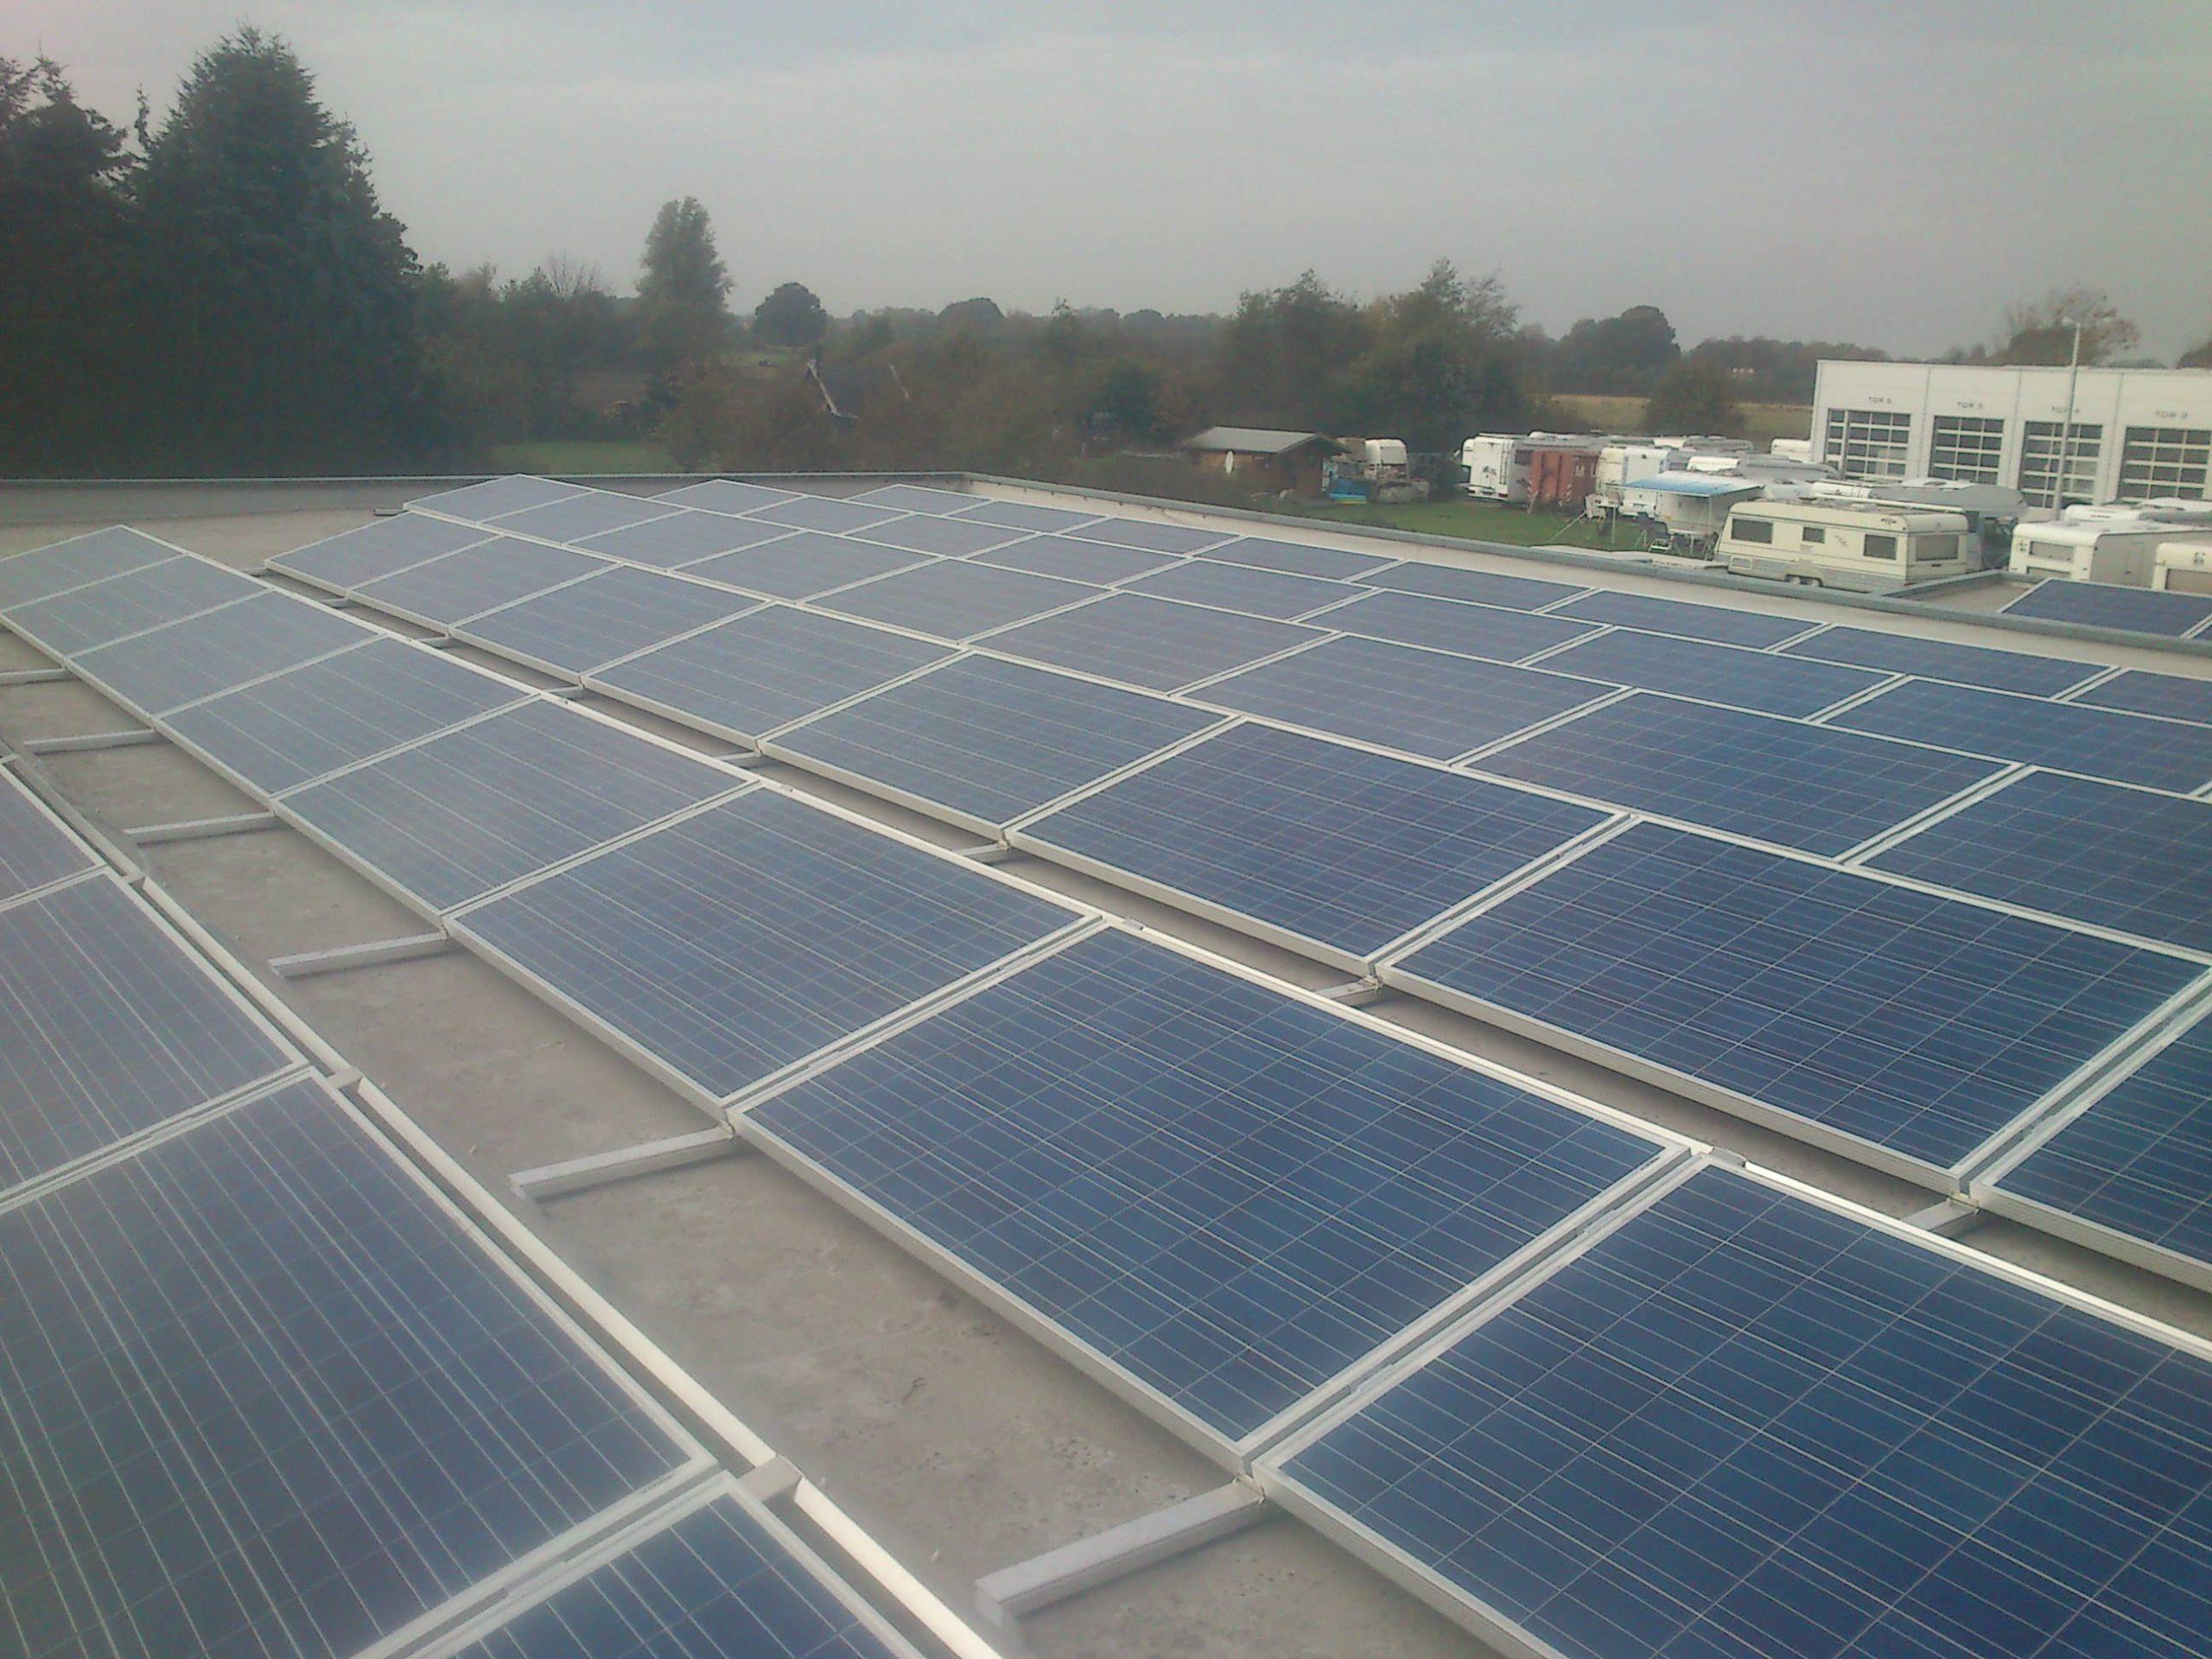 Dachfläche vermieten (8) Referenz Solar.red